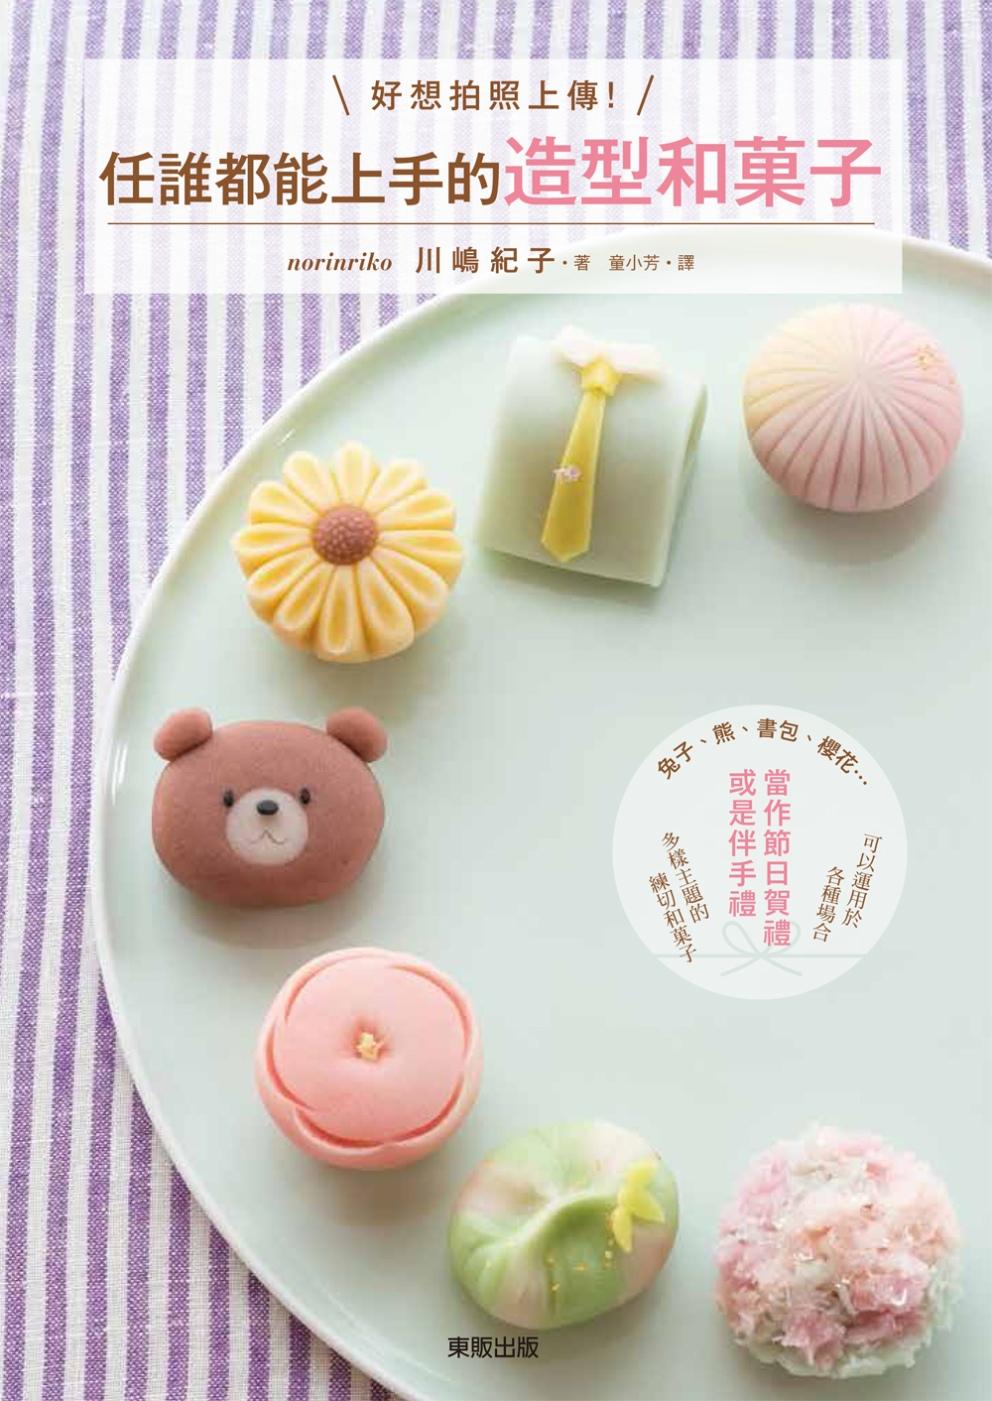 ◤博客來BOOKS◢ 暢銷書榜《推薦》任誰都能上手的造型和菓子:好想拍照上傳!